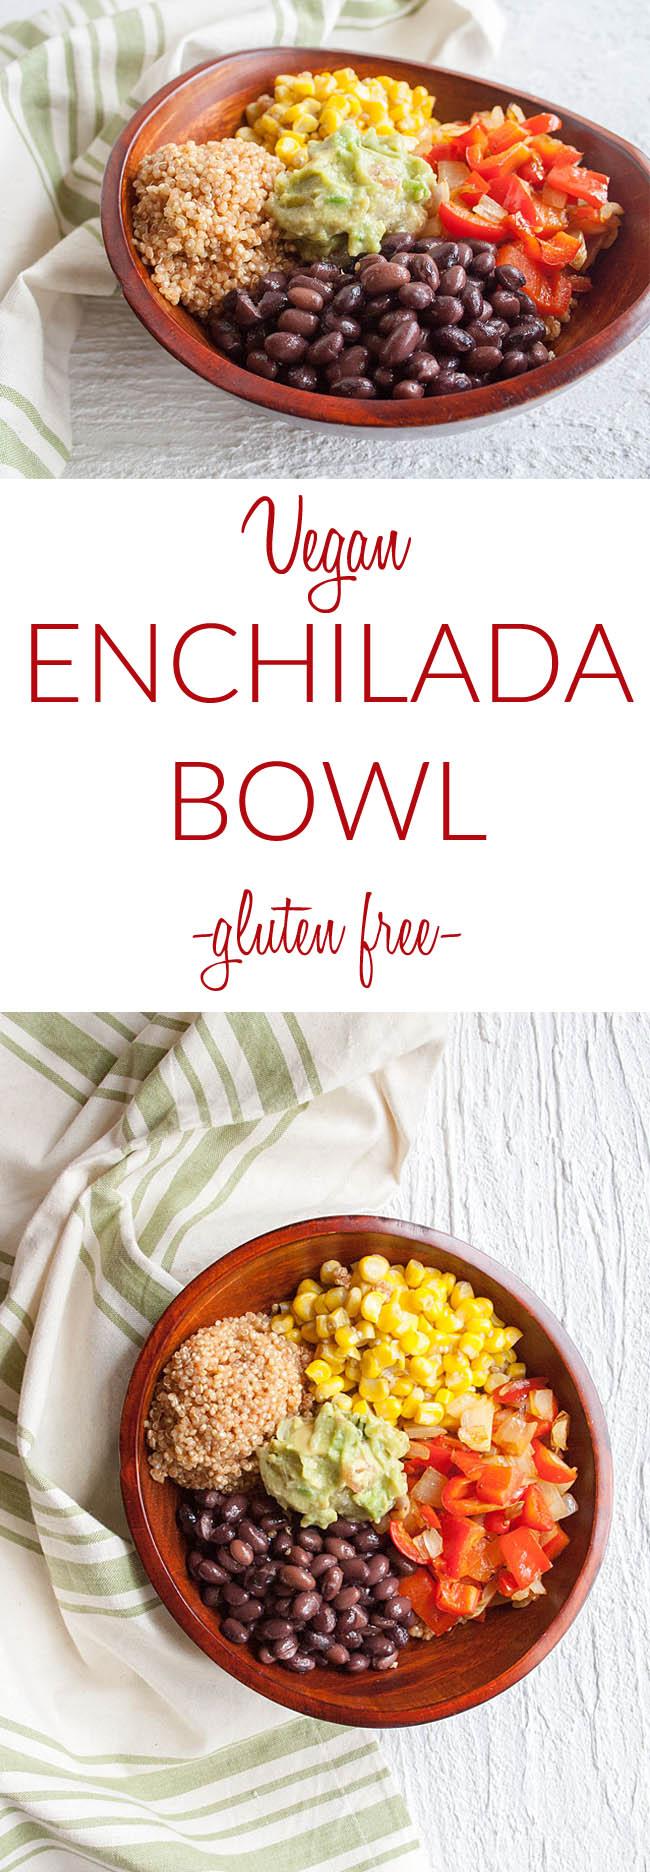 Vegan Enchilada Bowl collage photo with text.